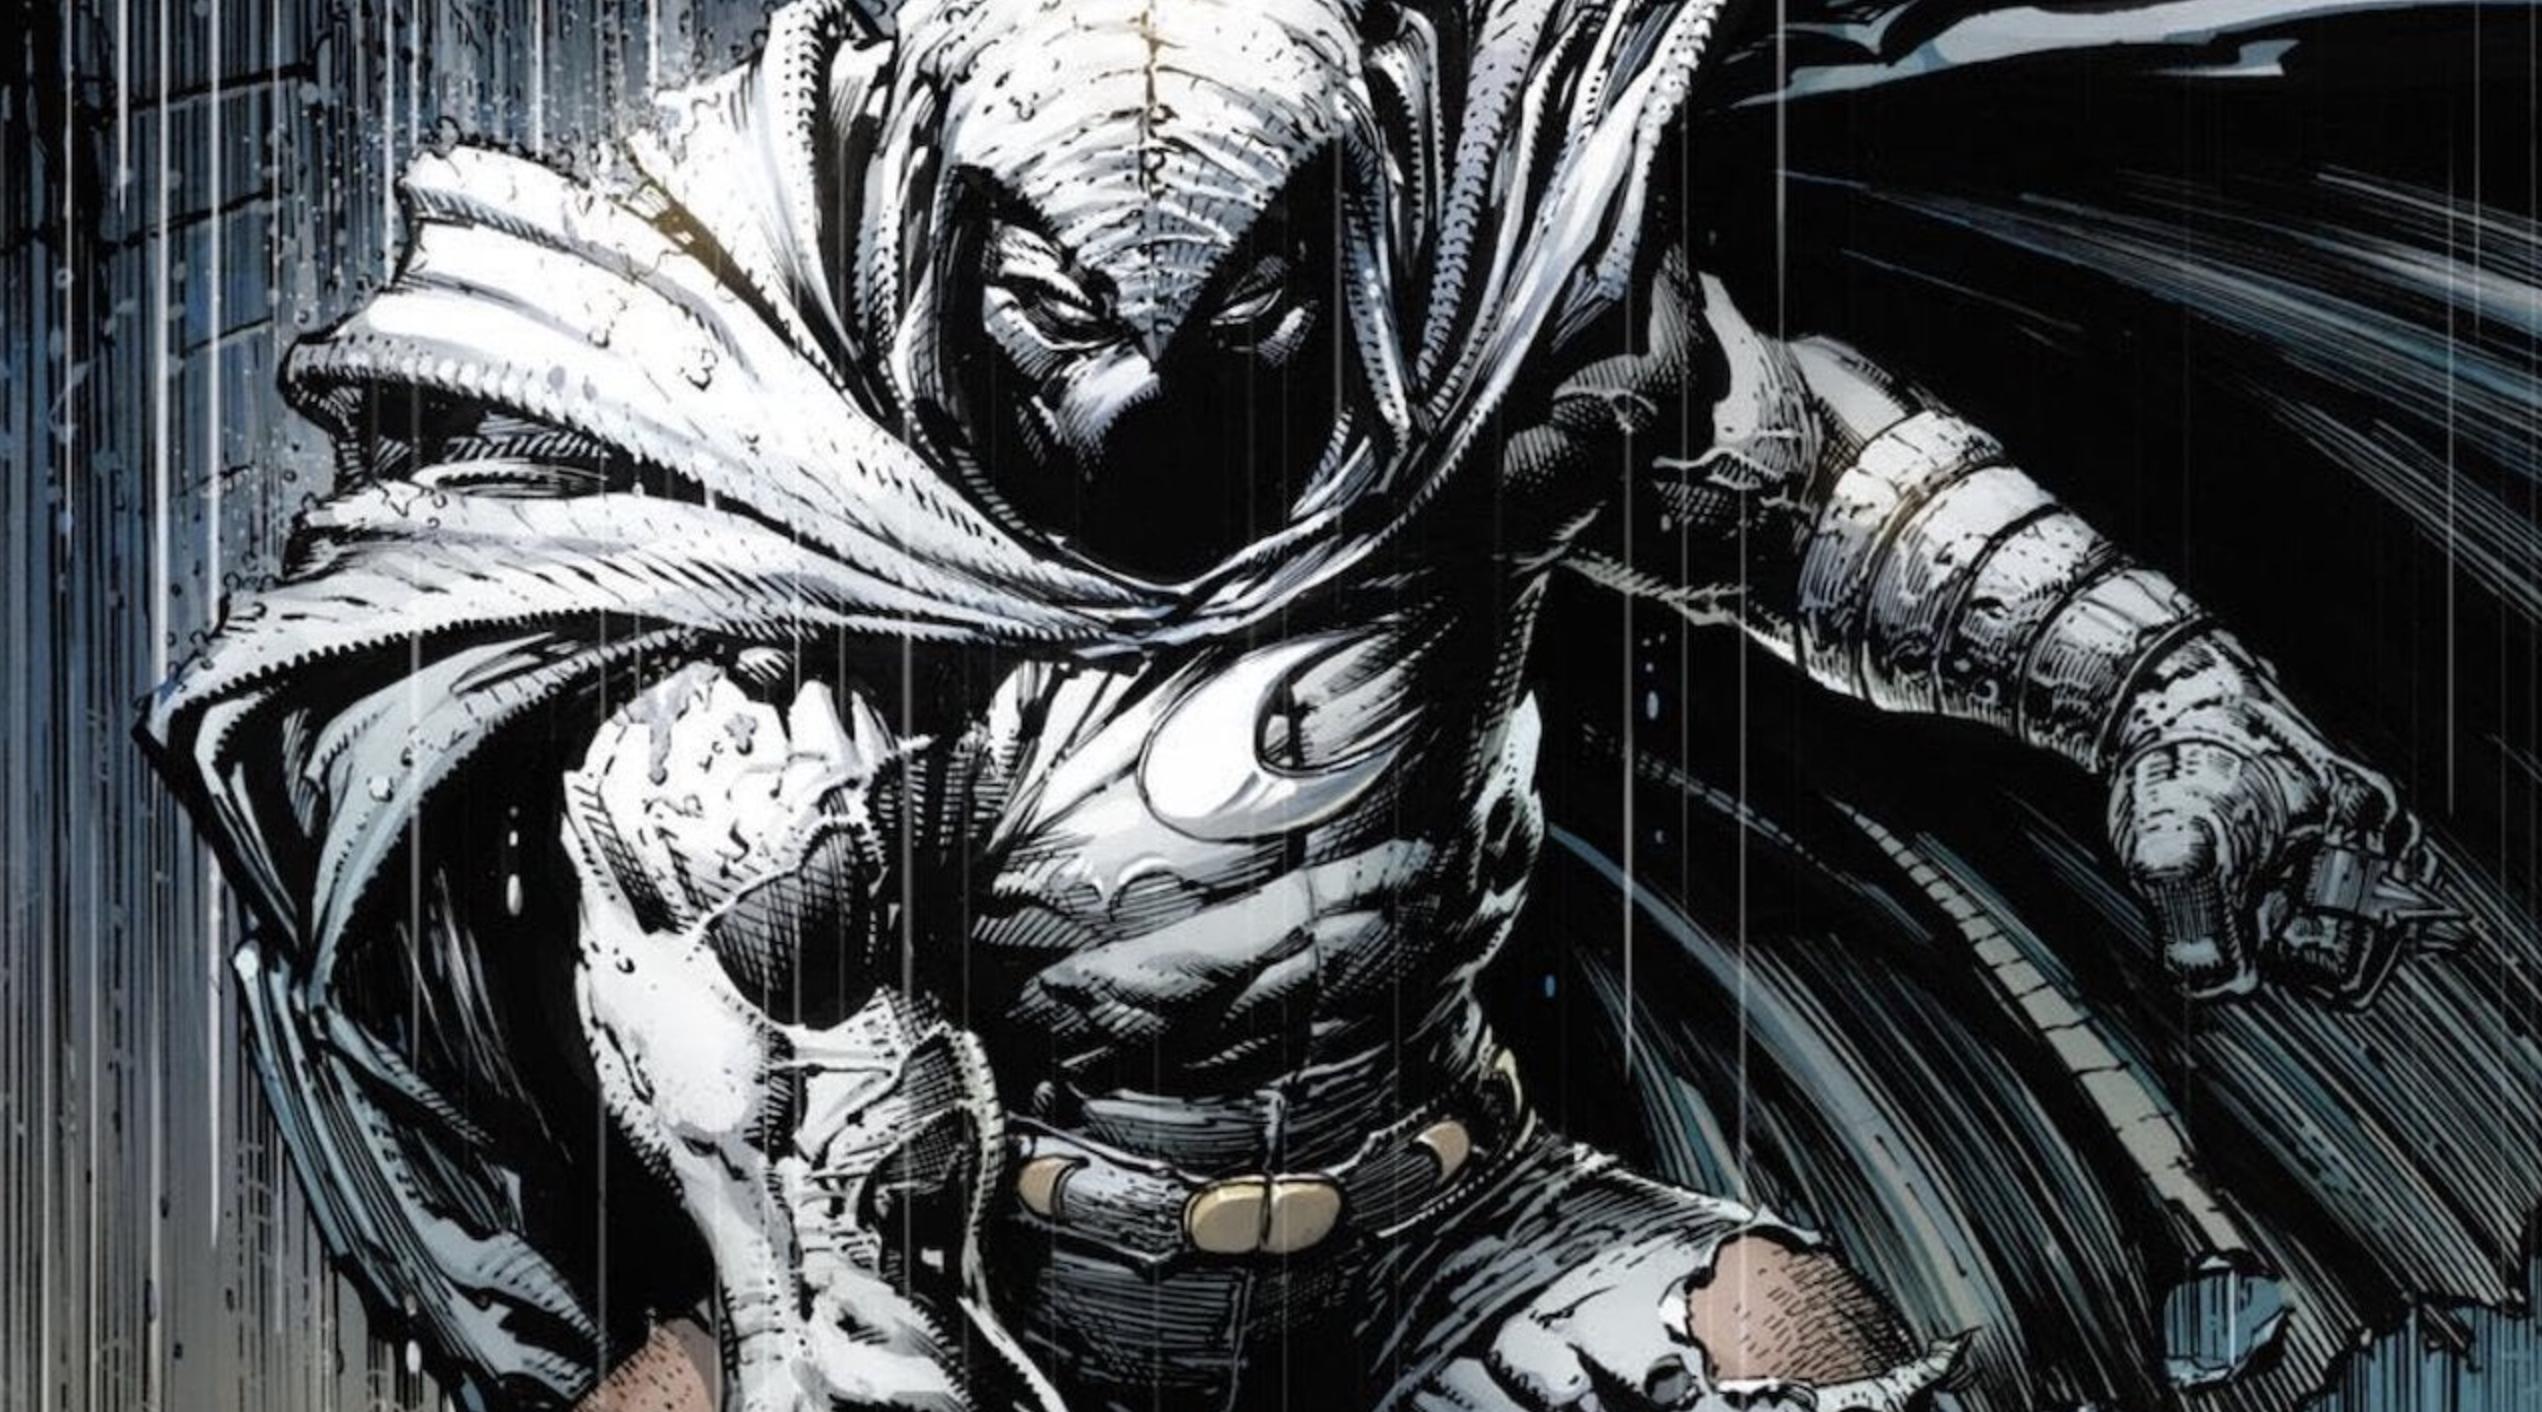 Moon Knight : la série Marvel recrute une star pour incarner le méchant - CinéSéries